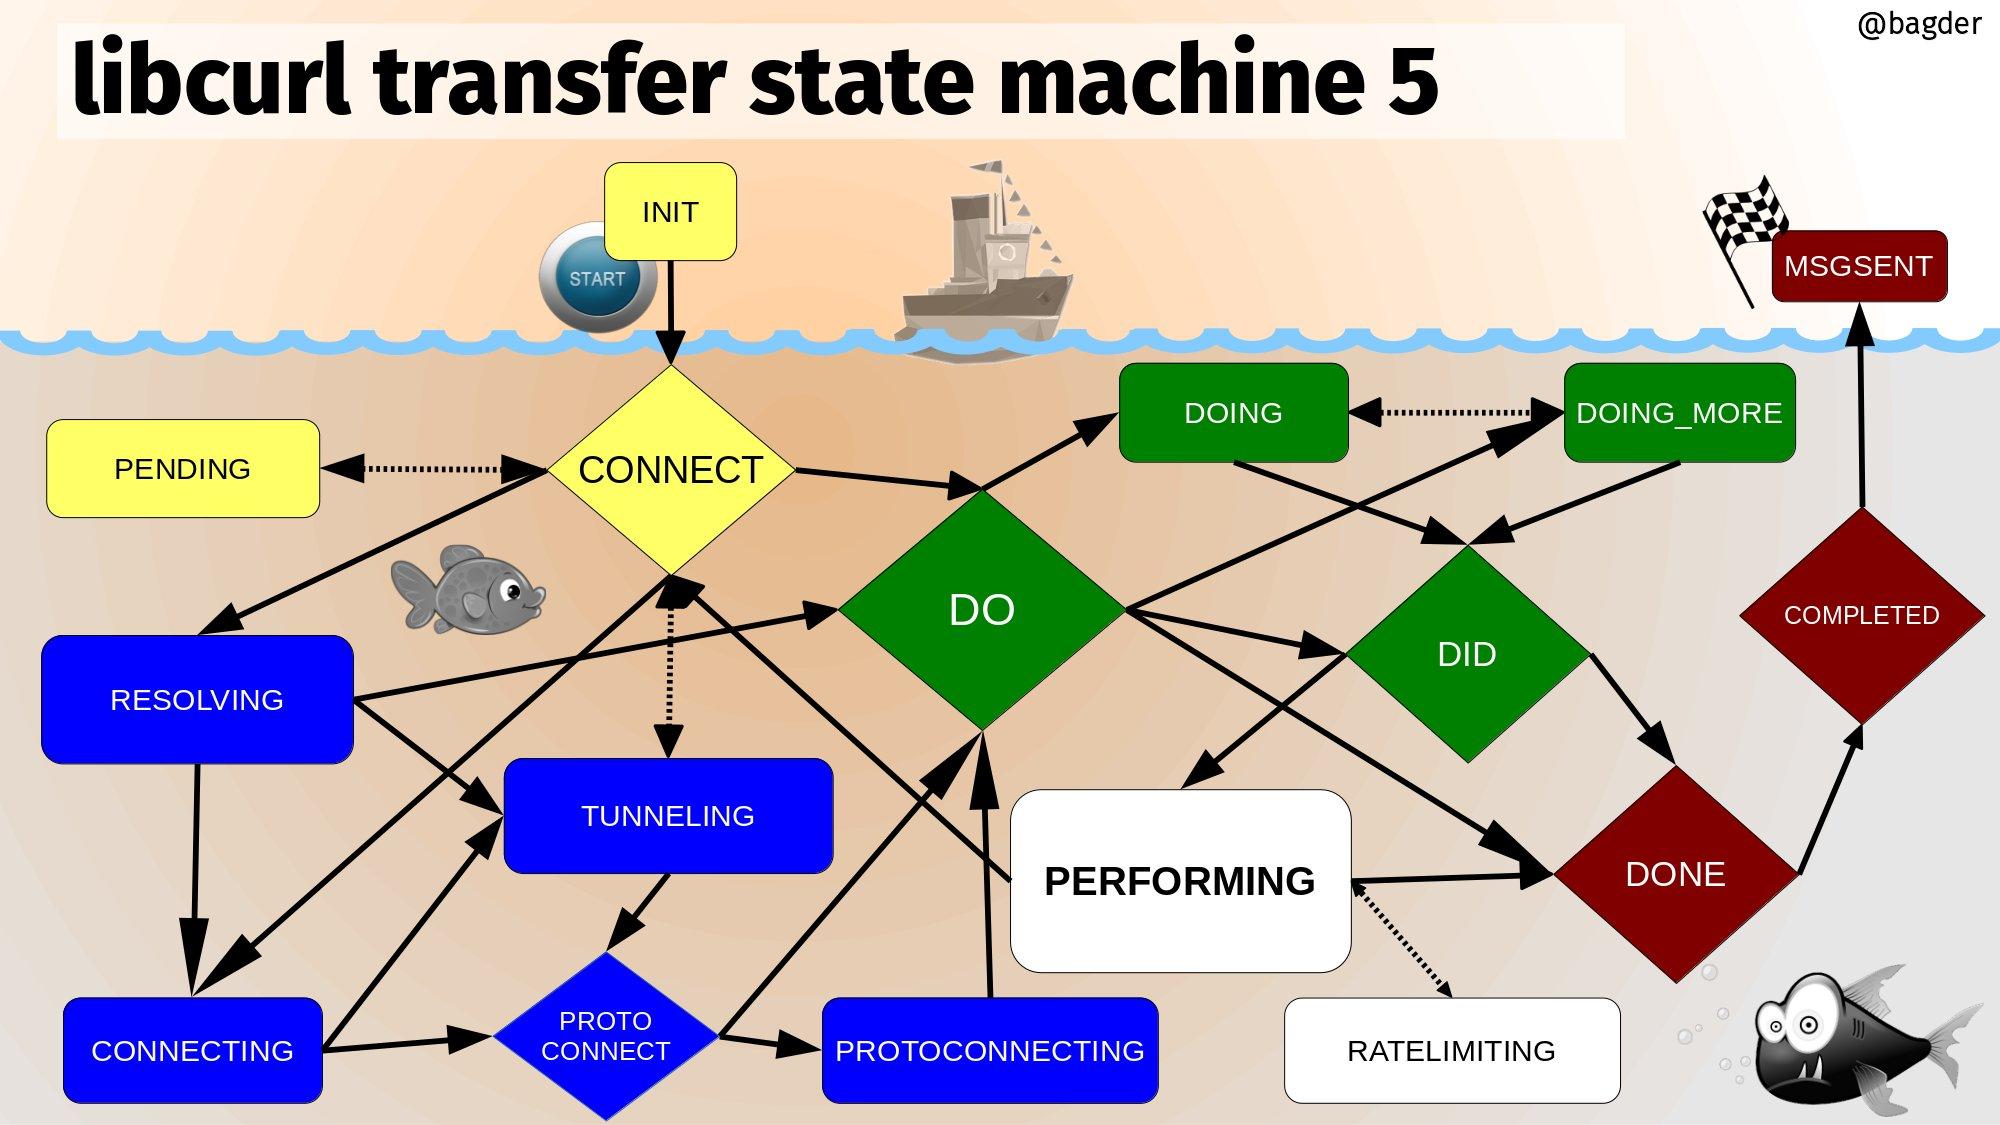 curl-transfer-state-machine-v5